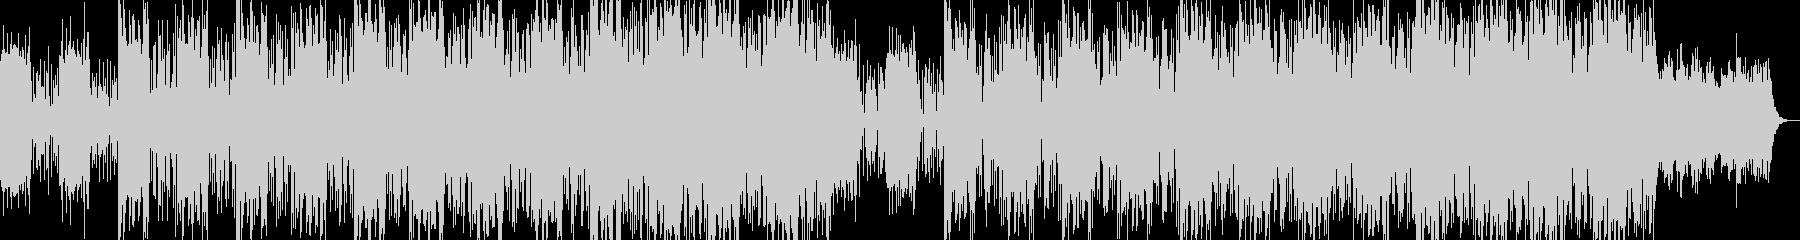 現代的でハイテンポなDnBテクノ-15の未再生の波形